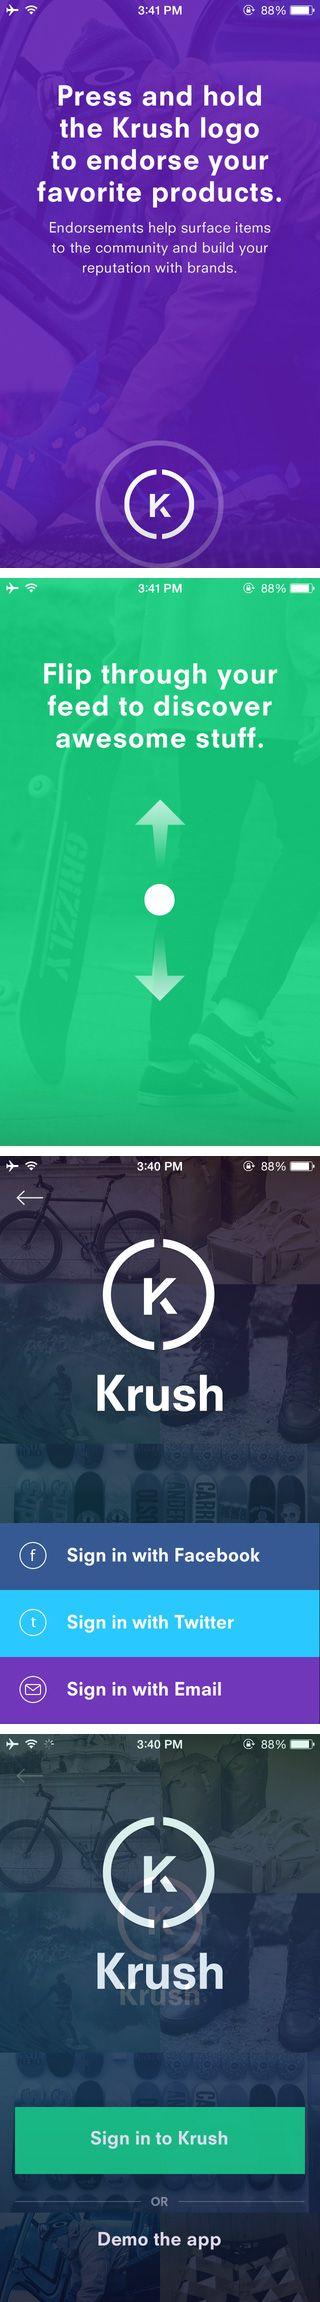 Krush App Intro